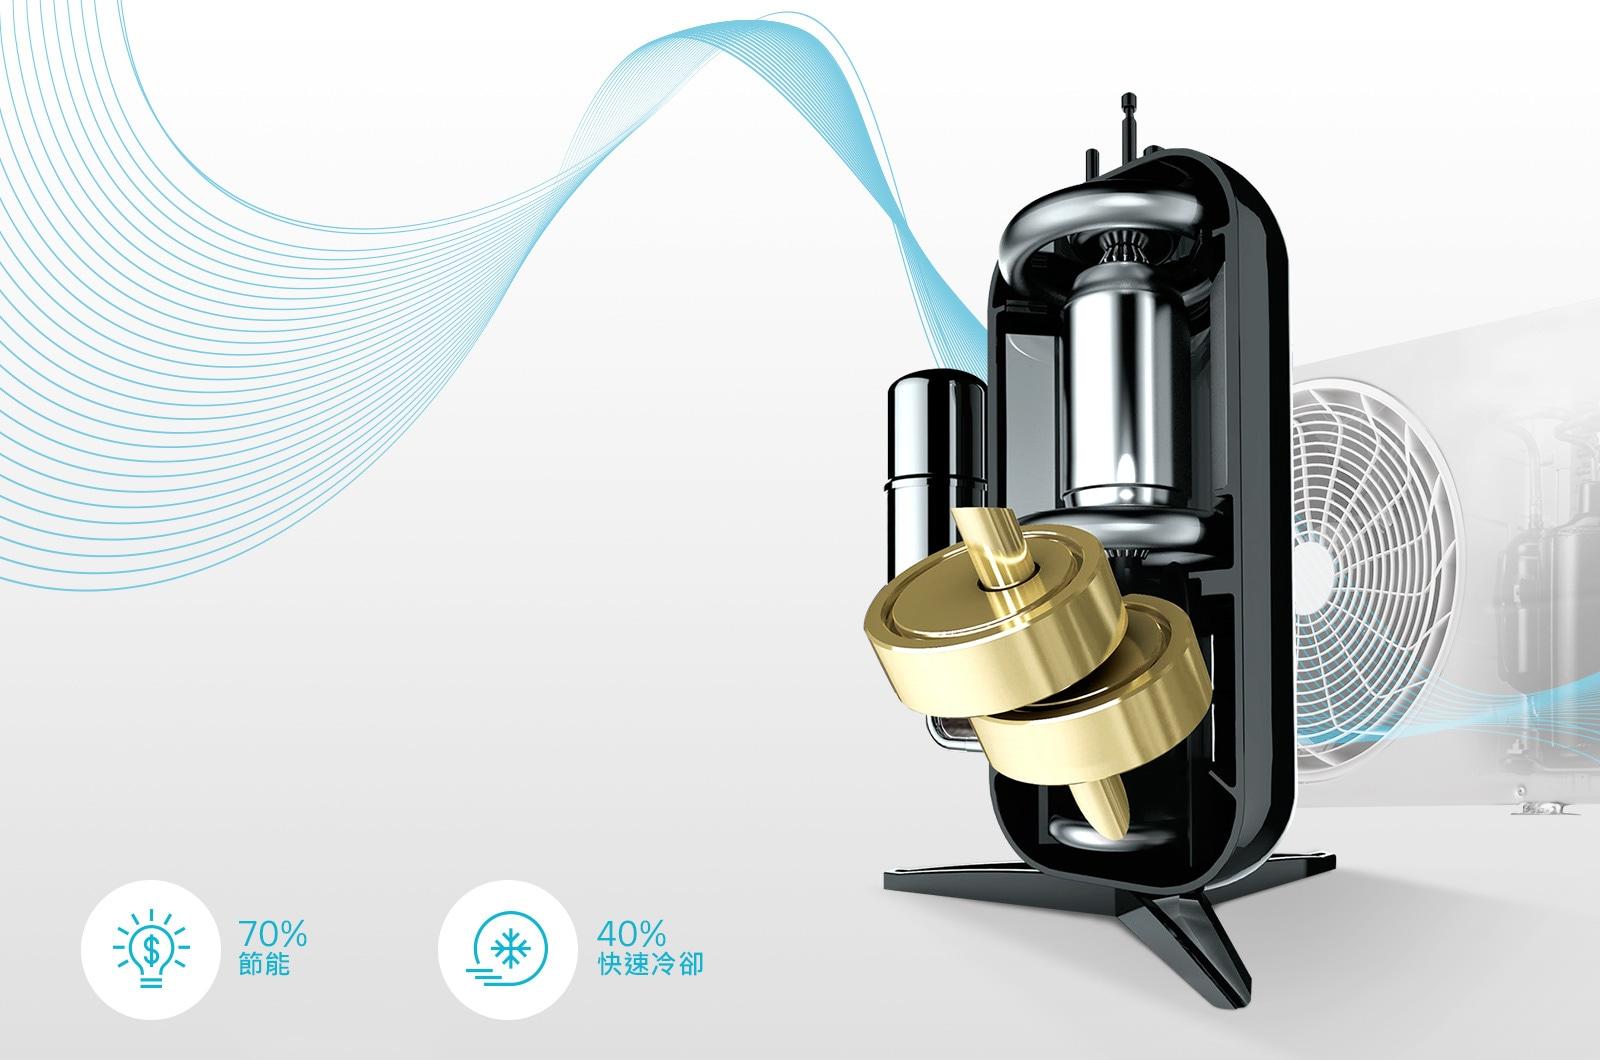 雙迴轉變頻壓縮機<br>提供10年保固3